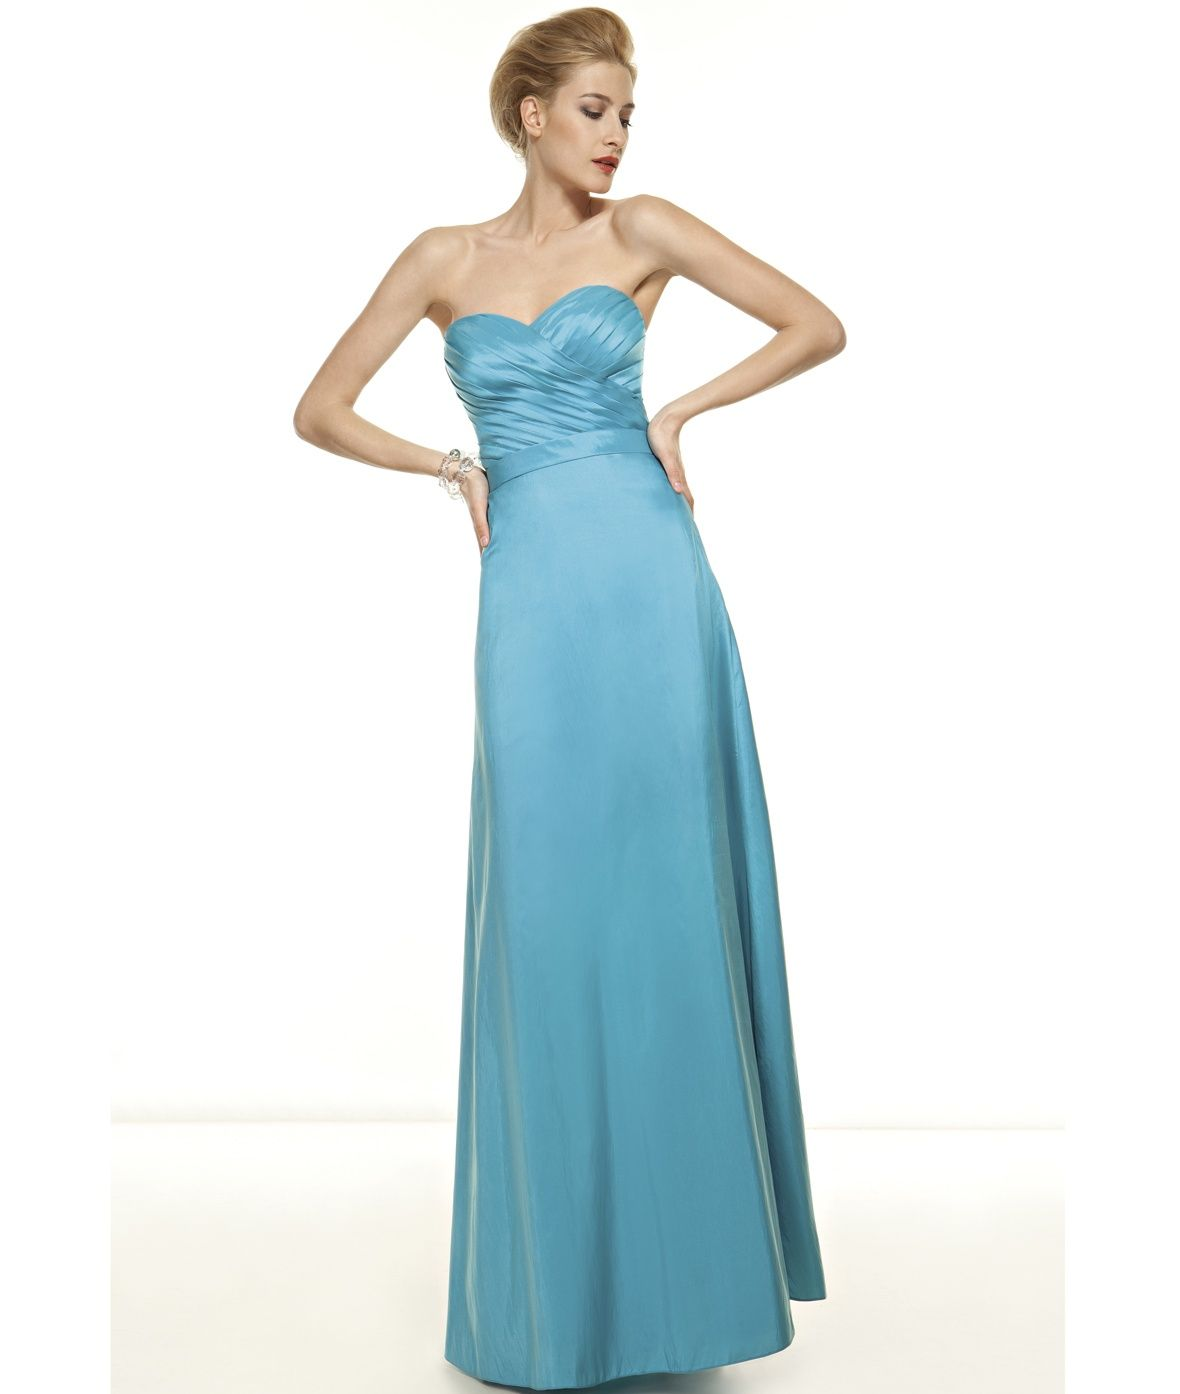 Robe de demoiselle d 39 honneur mod le pm93 demetrios robe - Robe bleu demoiselle d honneur ...